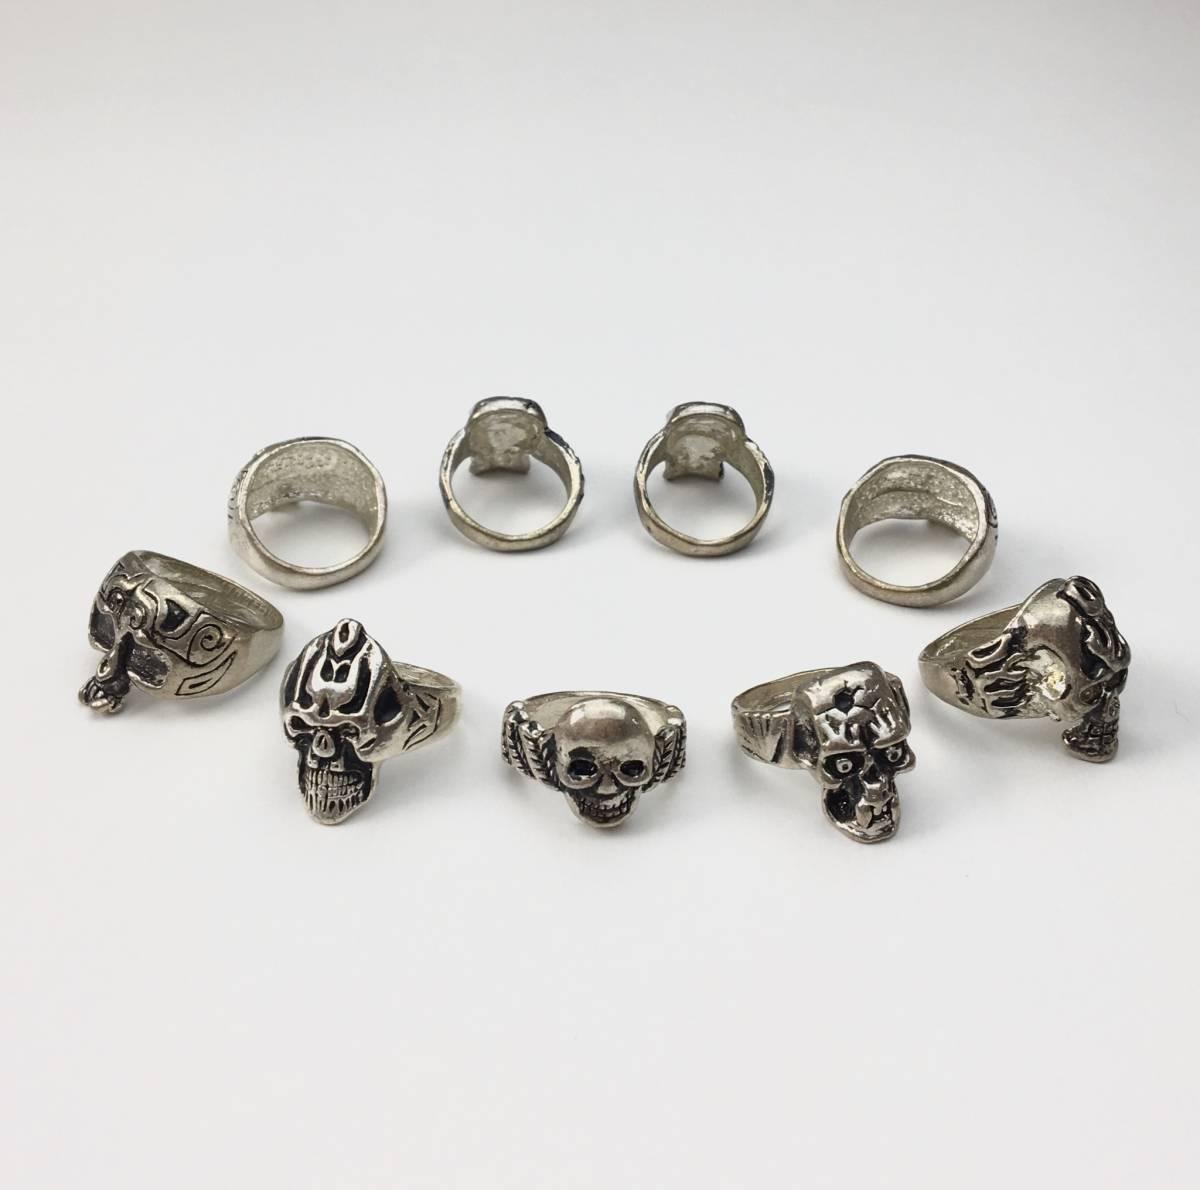 スカル リング 指輪 髑髏 ドクロ 骸骨 ガイコツ SKULL シルバーアクセサリー アンティーク アメリカ USA 雑貨 ヴィンテージ vintage 5_他のスカルリングも出品中です。